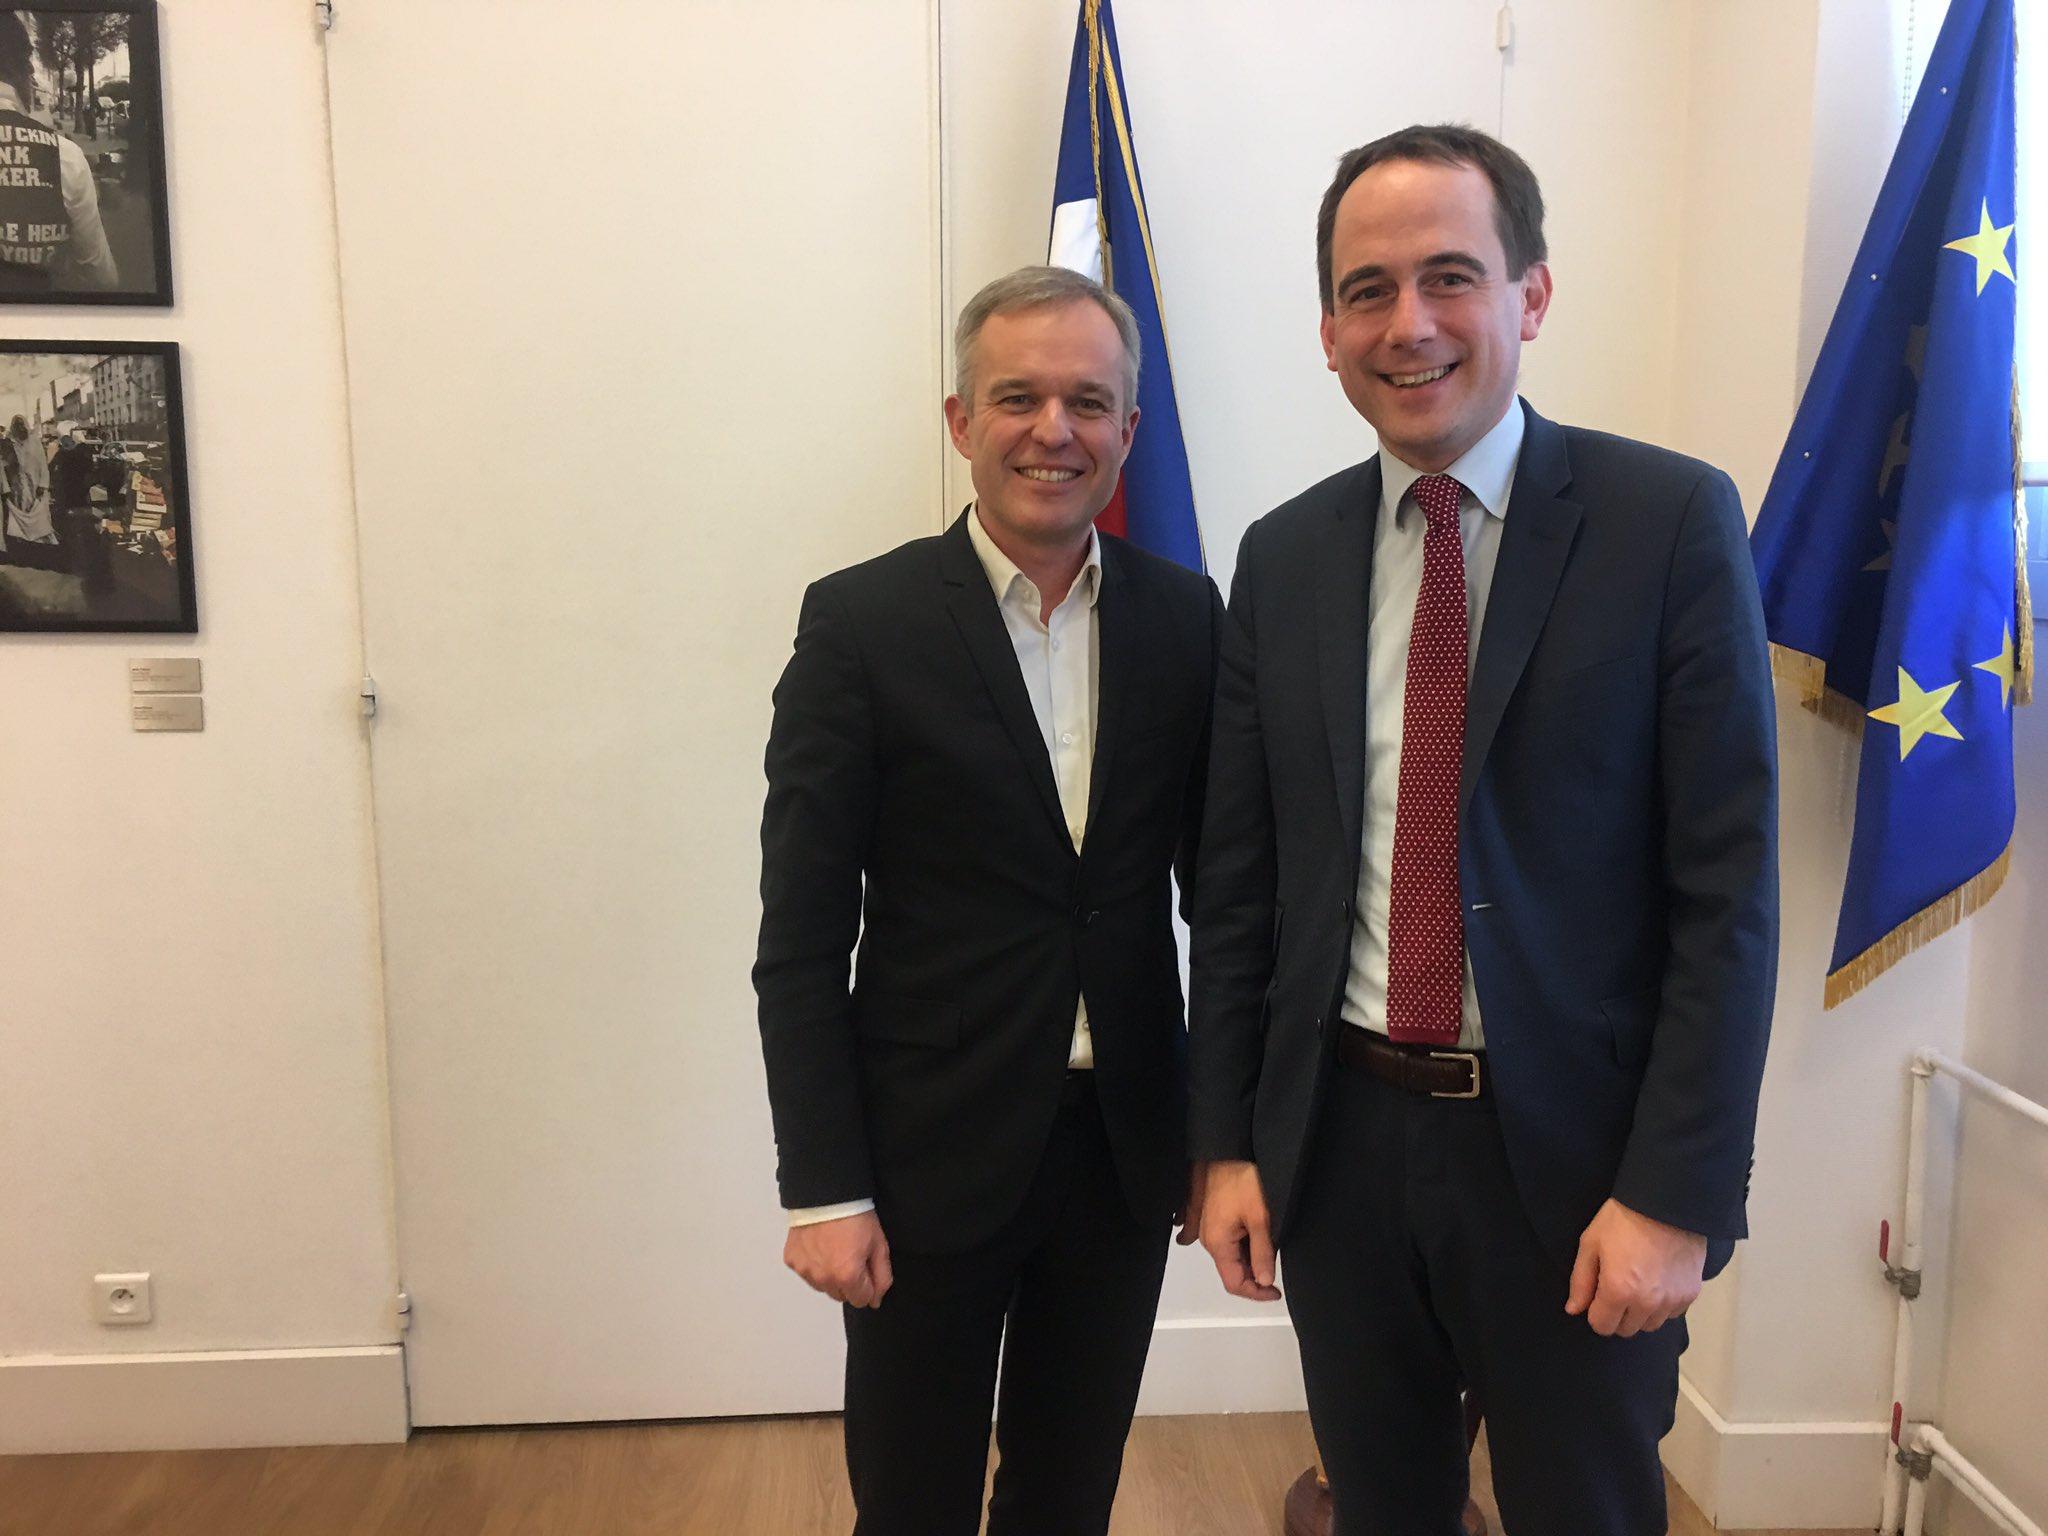 Merci à @PatriceBessac pour son accueil à la Mairie de @Montreuil. Enjeu de maintenir le dialogue avec toutes sensibilités de gauche. https://t.co/s0Jyzq0GlT